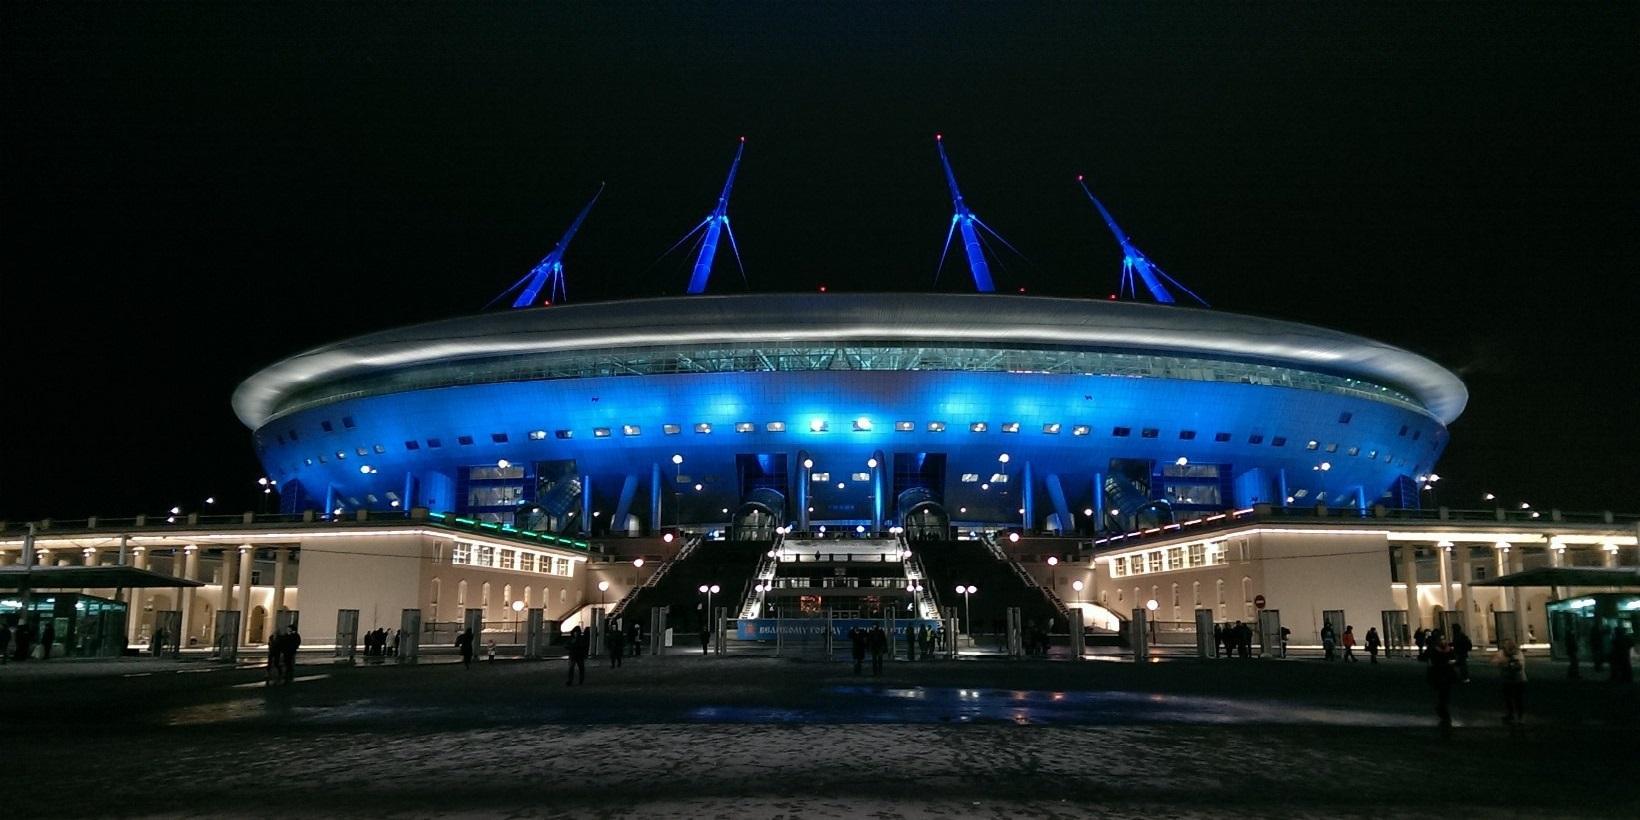 Zenit-arena control rooms videowalls